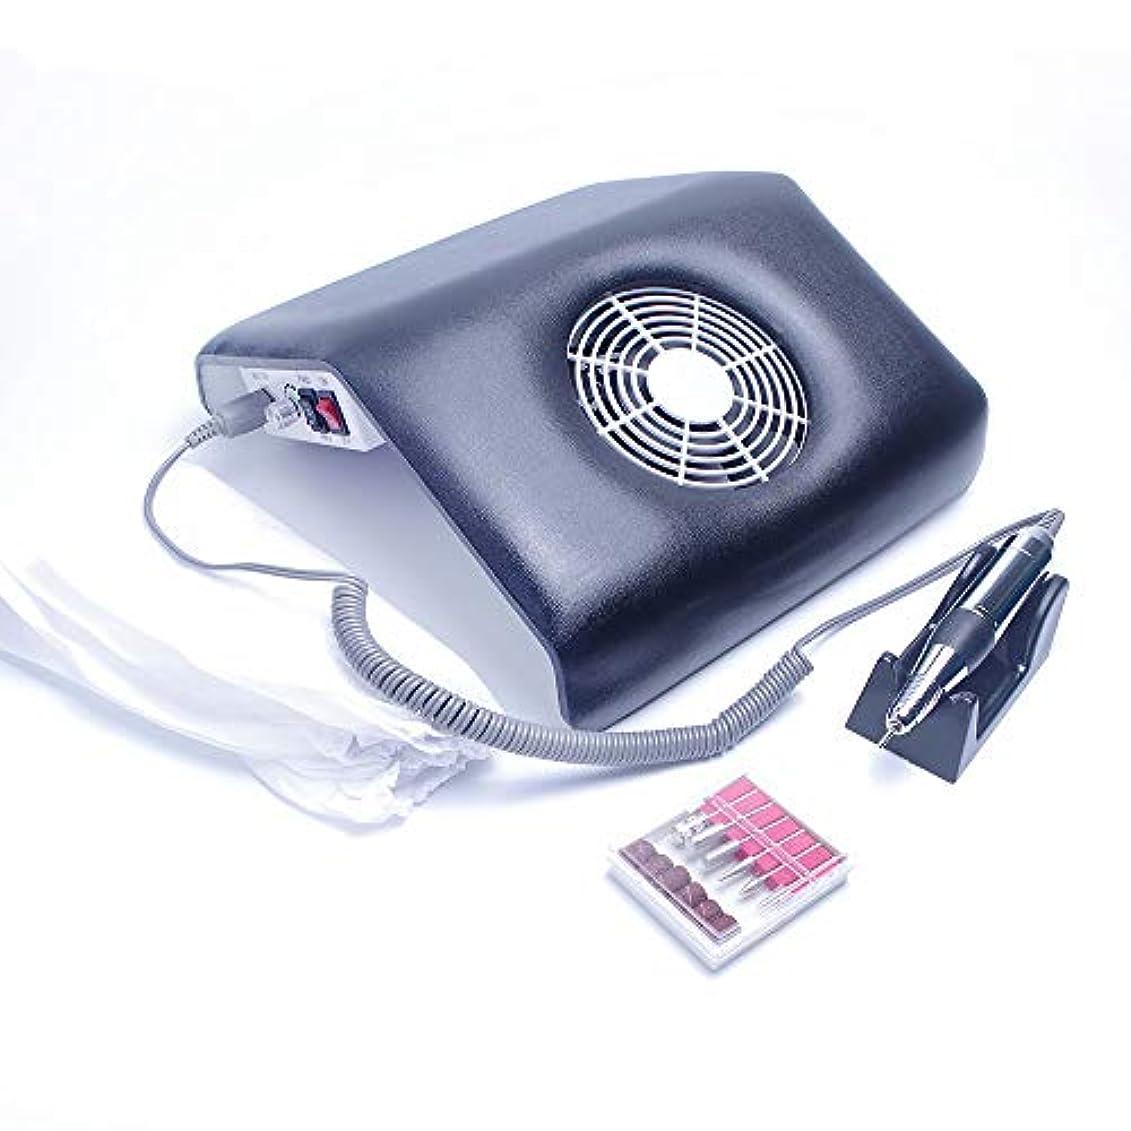 伝説次予言する集塵機 ネイル ダストコレクター ネイルドリル ネイルマシーン ネイルマシン 電動ネイルファイル 電動ネイルケア ネイルオフ ジェルネイルオフ ジェルオフ セルフネイル